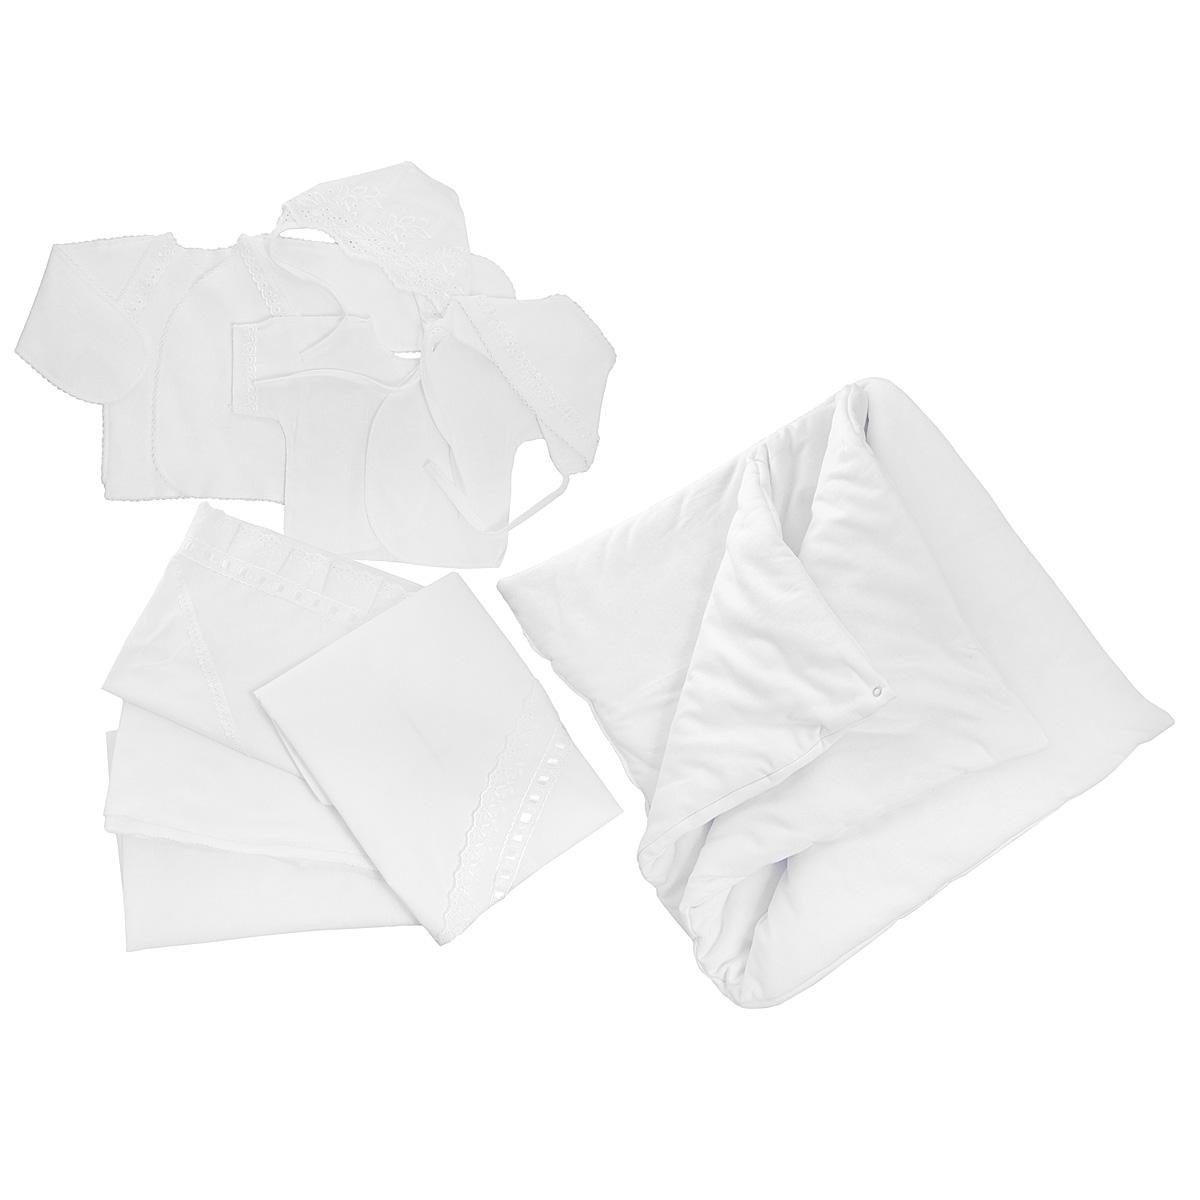 Комплект для новорожденного Трон-Плюс, 9 предметов, цвет: белый. 3476. Размер 62, 3 месяца3476Комплект для новорожденного Трон-плюс - это замечательный подарок, который прекрасно подойдет для первых дней жизни ребенка. Комплект состоит из двух распашонок, двух чепчиков, уголка, двух пеленок, пододеяльника и одеяла. Комплект изготовлен из натурального хлопка, благодаря чему он необычайно мягкий и приятный на ощупь, не сковывает движения младенца и позволяет коже дышать, не раздражает даже самую нежную и чувствительную кожу ребенка, обеспечивая ему наибольший комфорт. Легкая распашонка с короткими рукавами выполнена швами наружу. Изделие украшено вышивкой, а рукава декорированы ажурными рюшами и петельками.Теплая распашонка с запахом выполнена швами наружу. Декорирована распашонка ажурными рюшами. А благодаря рукавичкам ребенок не поцарапает себя. Ручки могут быть как открытыми, так и закрытыми. Чепчик защищает еще не заросший родничок, щадит чувствительный слух малыша, прикрывая ушки, и предохраняет от теплопотерь. Комплект содержит два чепчика: один - легкий мягкий чепчик с завязками выполнен швами наружу и украшен вышивками, а второй - теплый чепчик выполнен из футера швами наружу и украшен ажурными рюшами и петельками. Очаровательный уголок, выполненный из натурального хлопка и украшенный вышивками и атласной лентой, необычайно мягкий и легкий, не раздражает нежную кожу ребенка и хорошо вентилируется, а эластичные швы приятны телу младенца. Уголок обеспечивает вашему ребенку комфорт! Пеленка станет незаменимым помощником в деле ухода за ребенком. В комплект входят две пеленки: легкая из мадаполама и теплая из футера, отделанная ажурными петельками.Пододеяльник, выполненный из бязи отбеленной, дополнен двумя треугольными вырезами, отделанными вышивкой и атласной лентой.Одеяло из футера необычно мягкое и приятное на ощупь. Оно имеет три слоя синтепона и дополнено застежками-кнопками, благодаря которым его можно использовать в качестве конверта.Предметы набора упаков